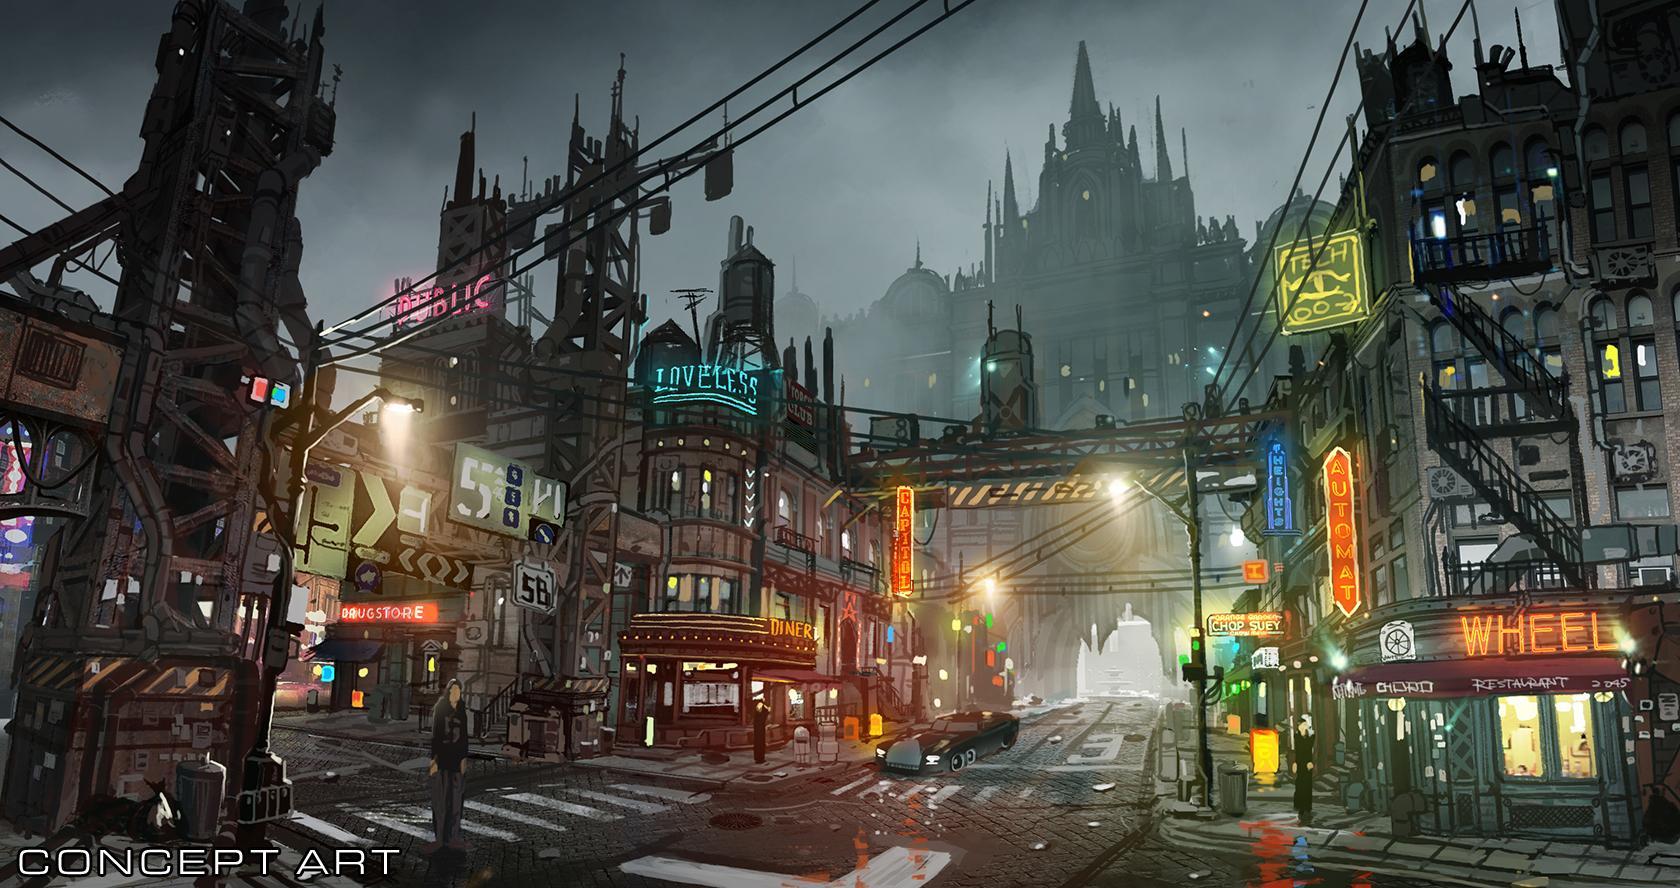 Final Fantasy VII Remake Sector 8 von Midgar (1)